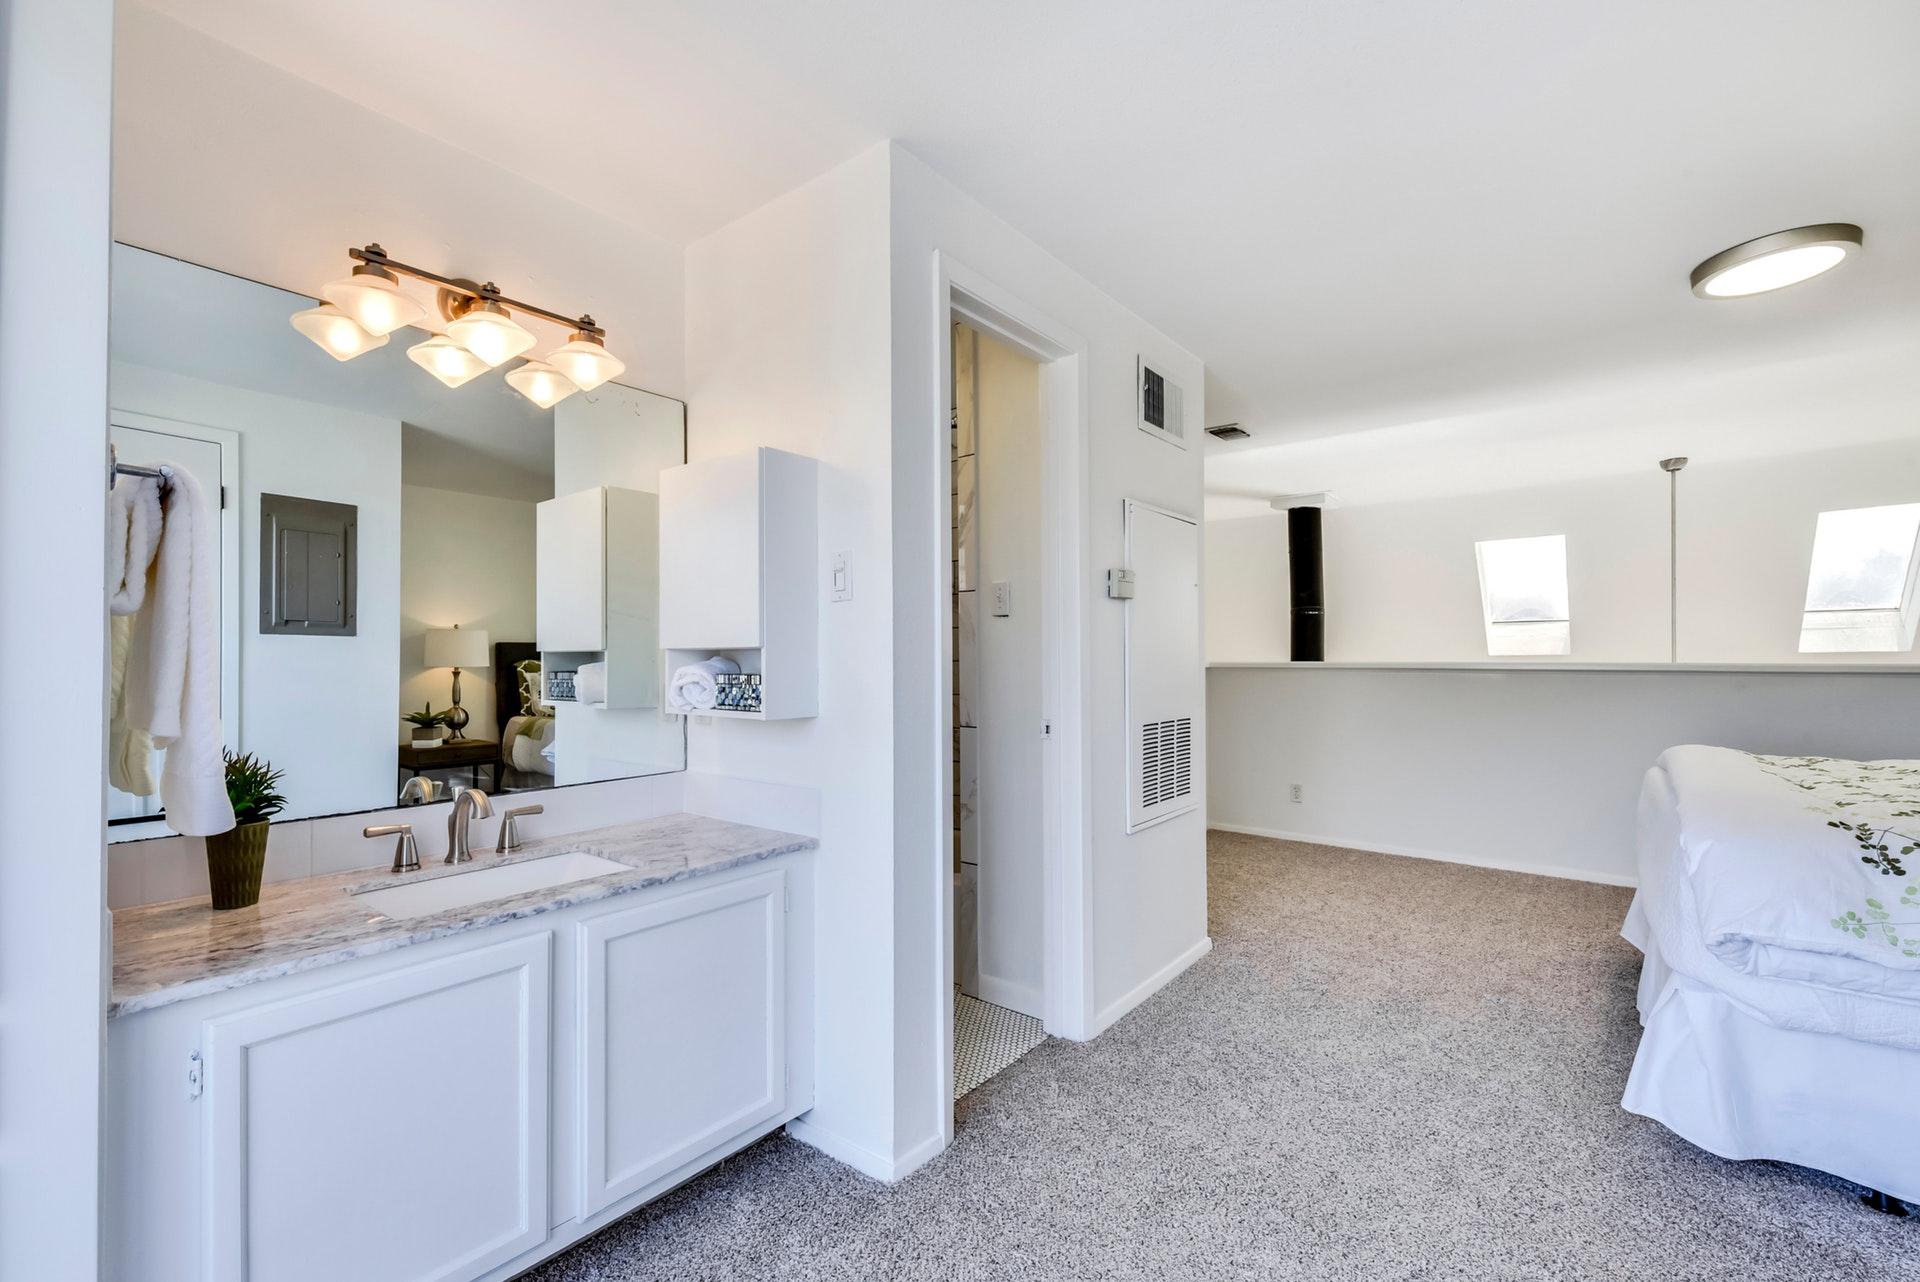 1135 Barton Hills - Master Bedroom